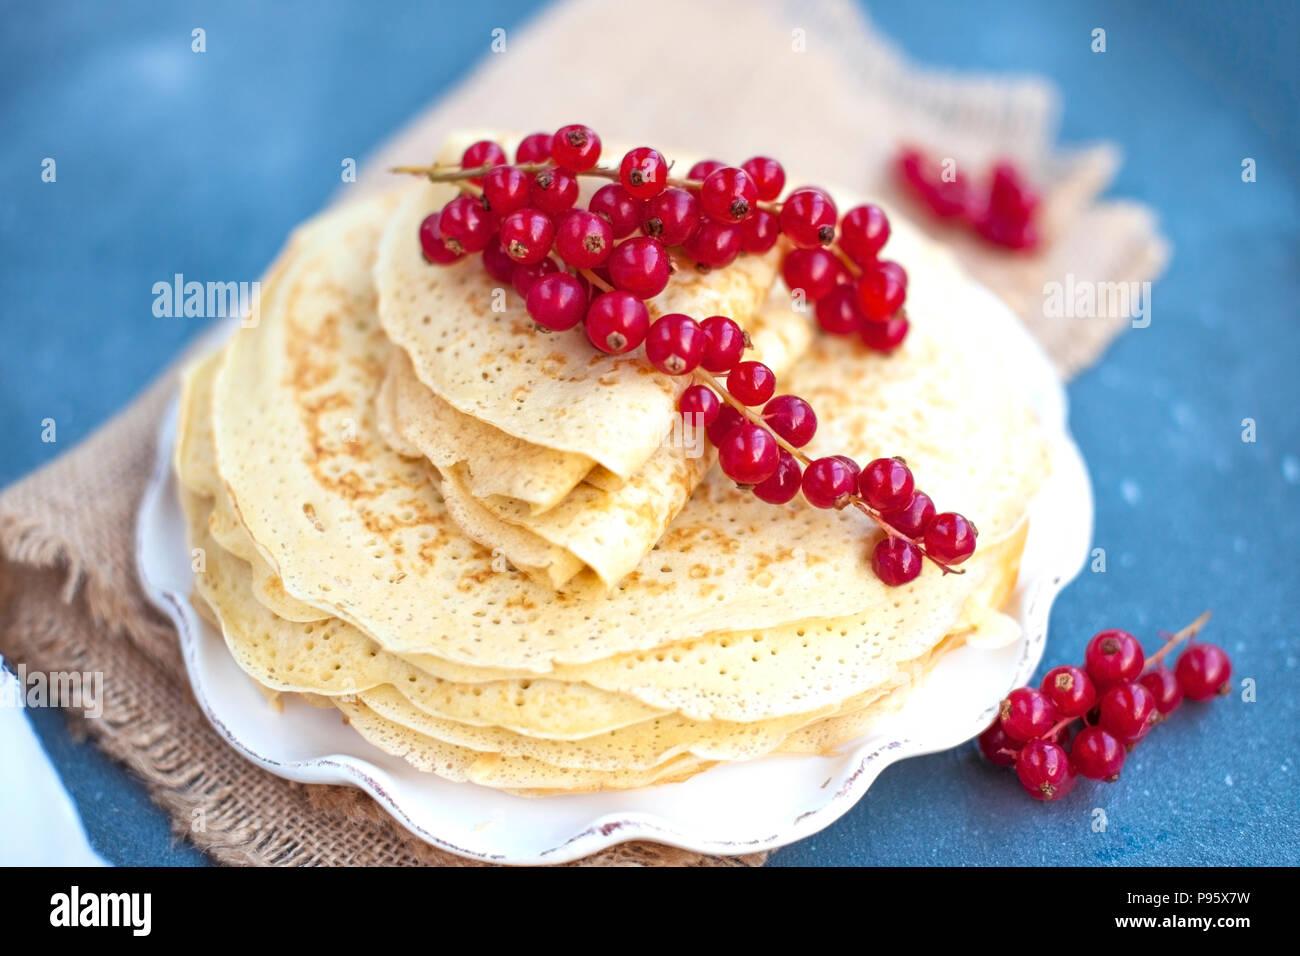 Fina tortitas dulces tradicionales de comida rusa en la primavera. Tratar festiva. Desayuno casero. Espacio para texto o una postal. Imagen De Stock